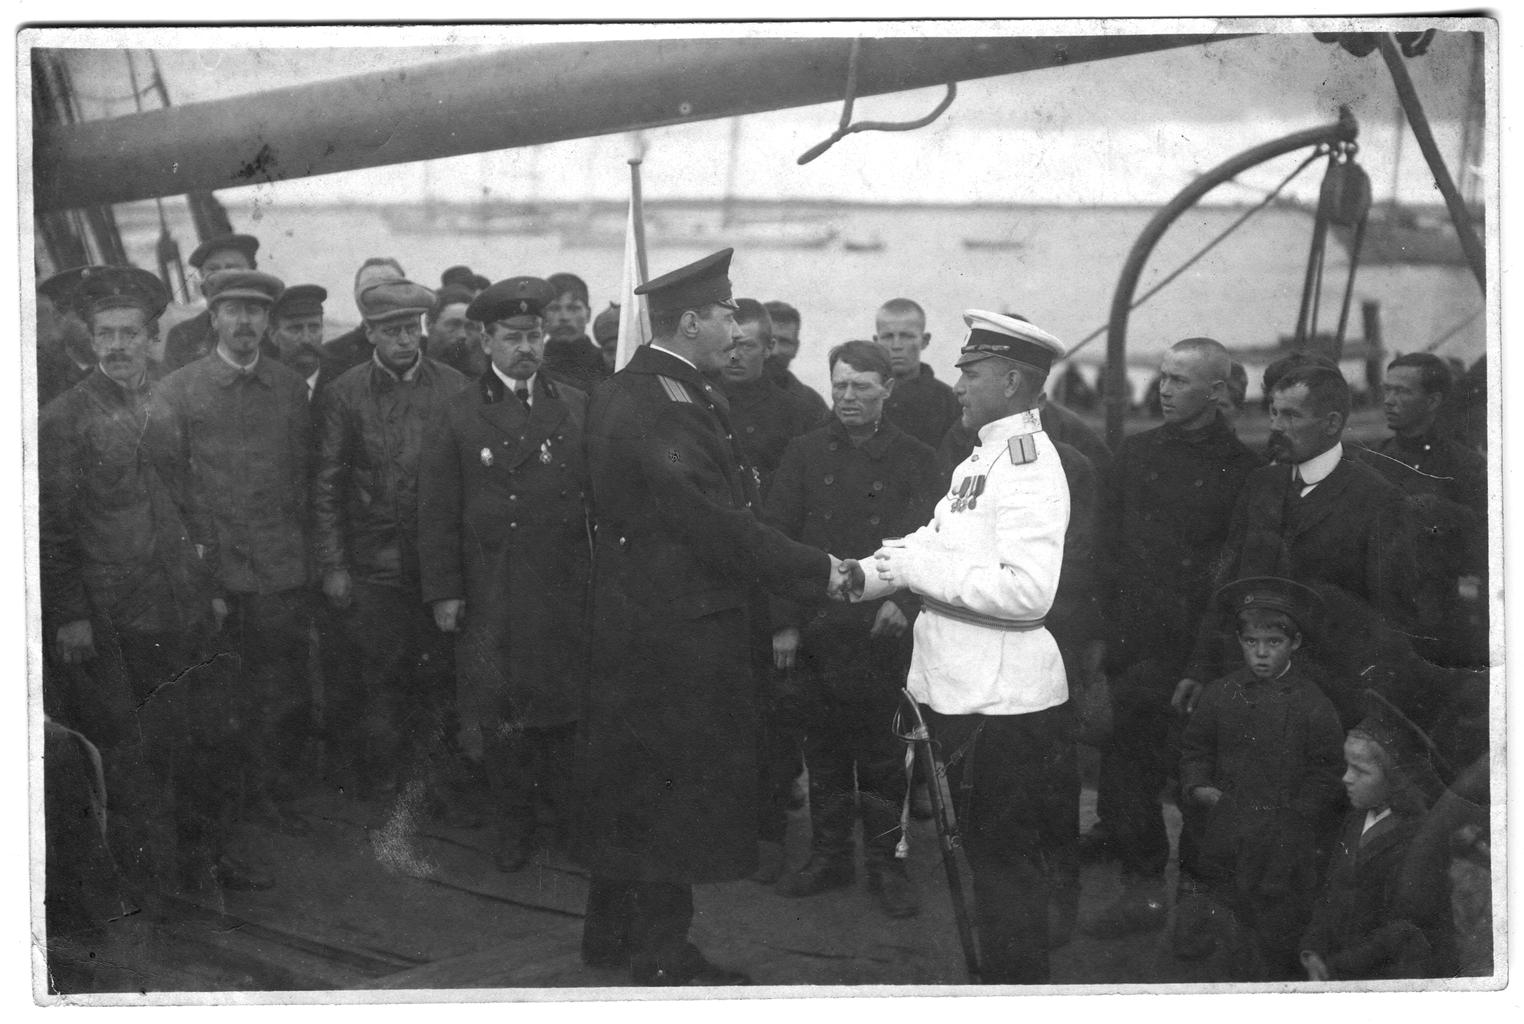 Седов Г. Я. и участники экспедиции с провожающими на палубе судна перед выходом в море.